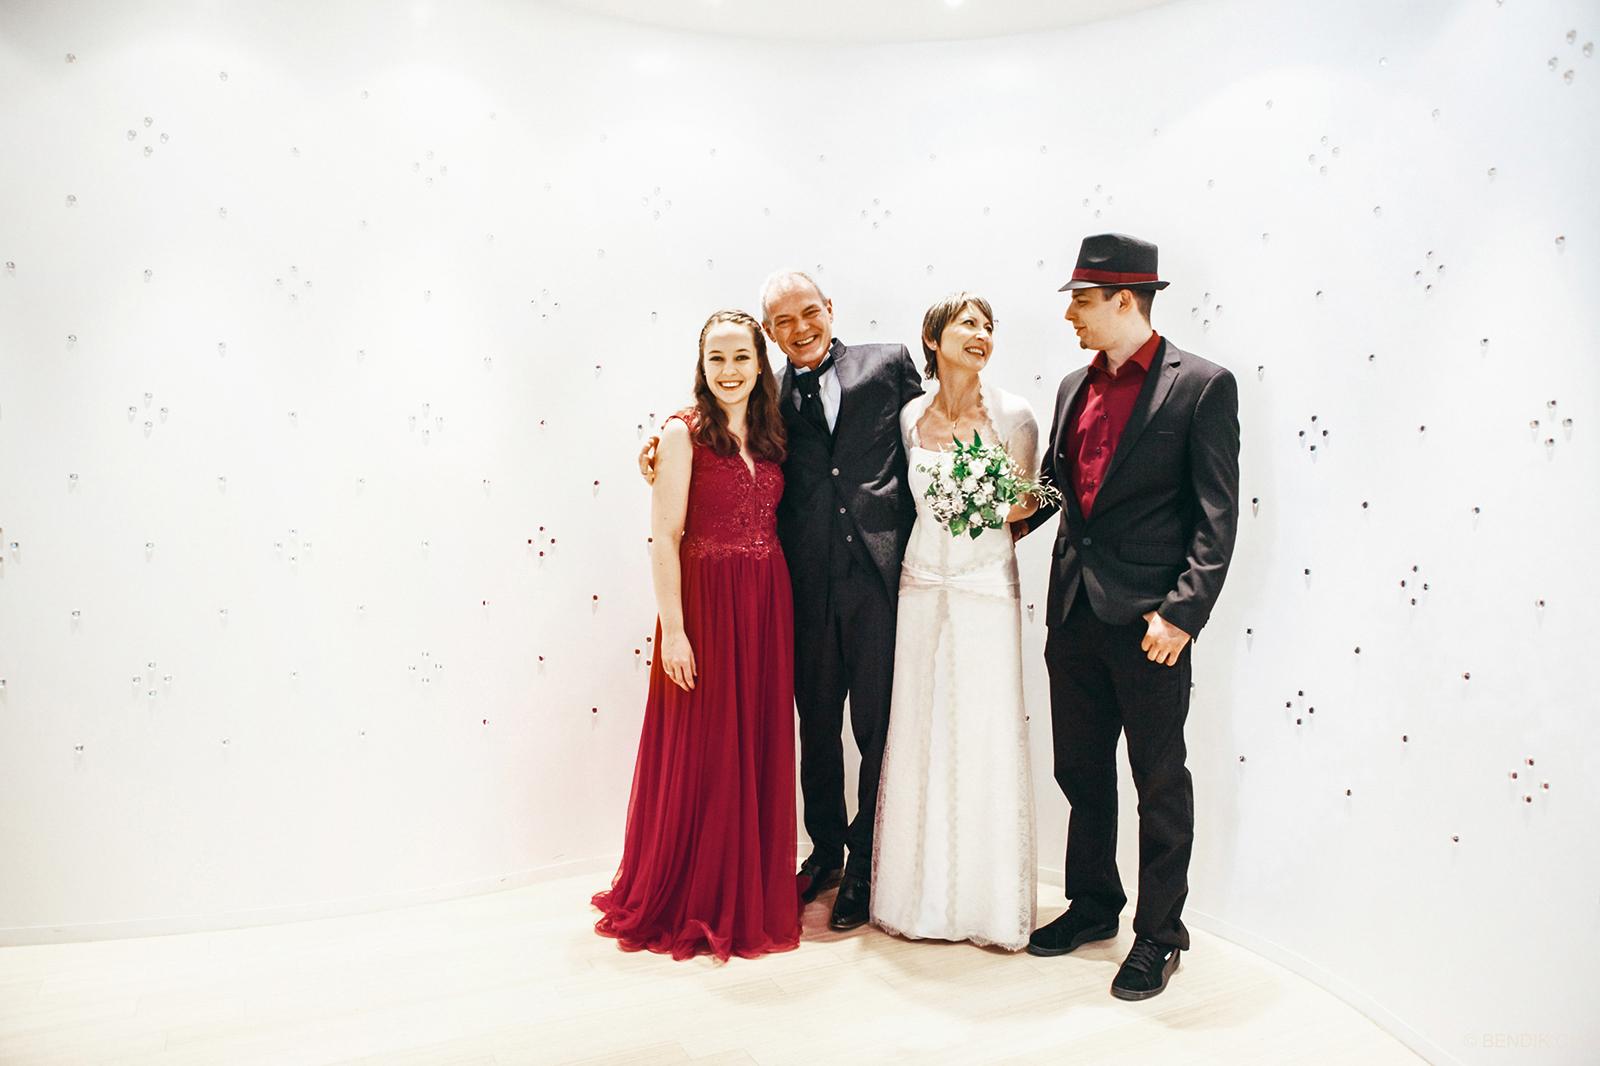 Lachende Hochzeitsgesellschaft vor weissem Hintergrund